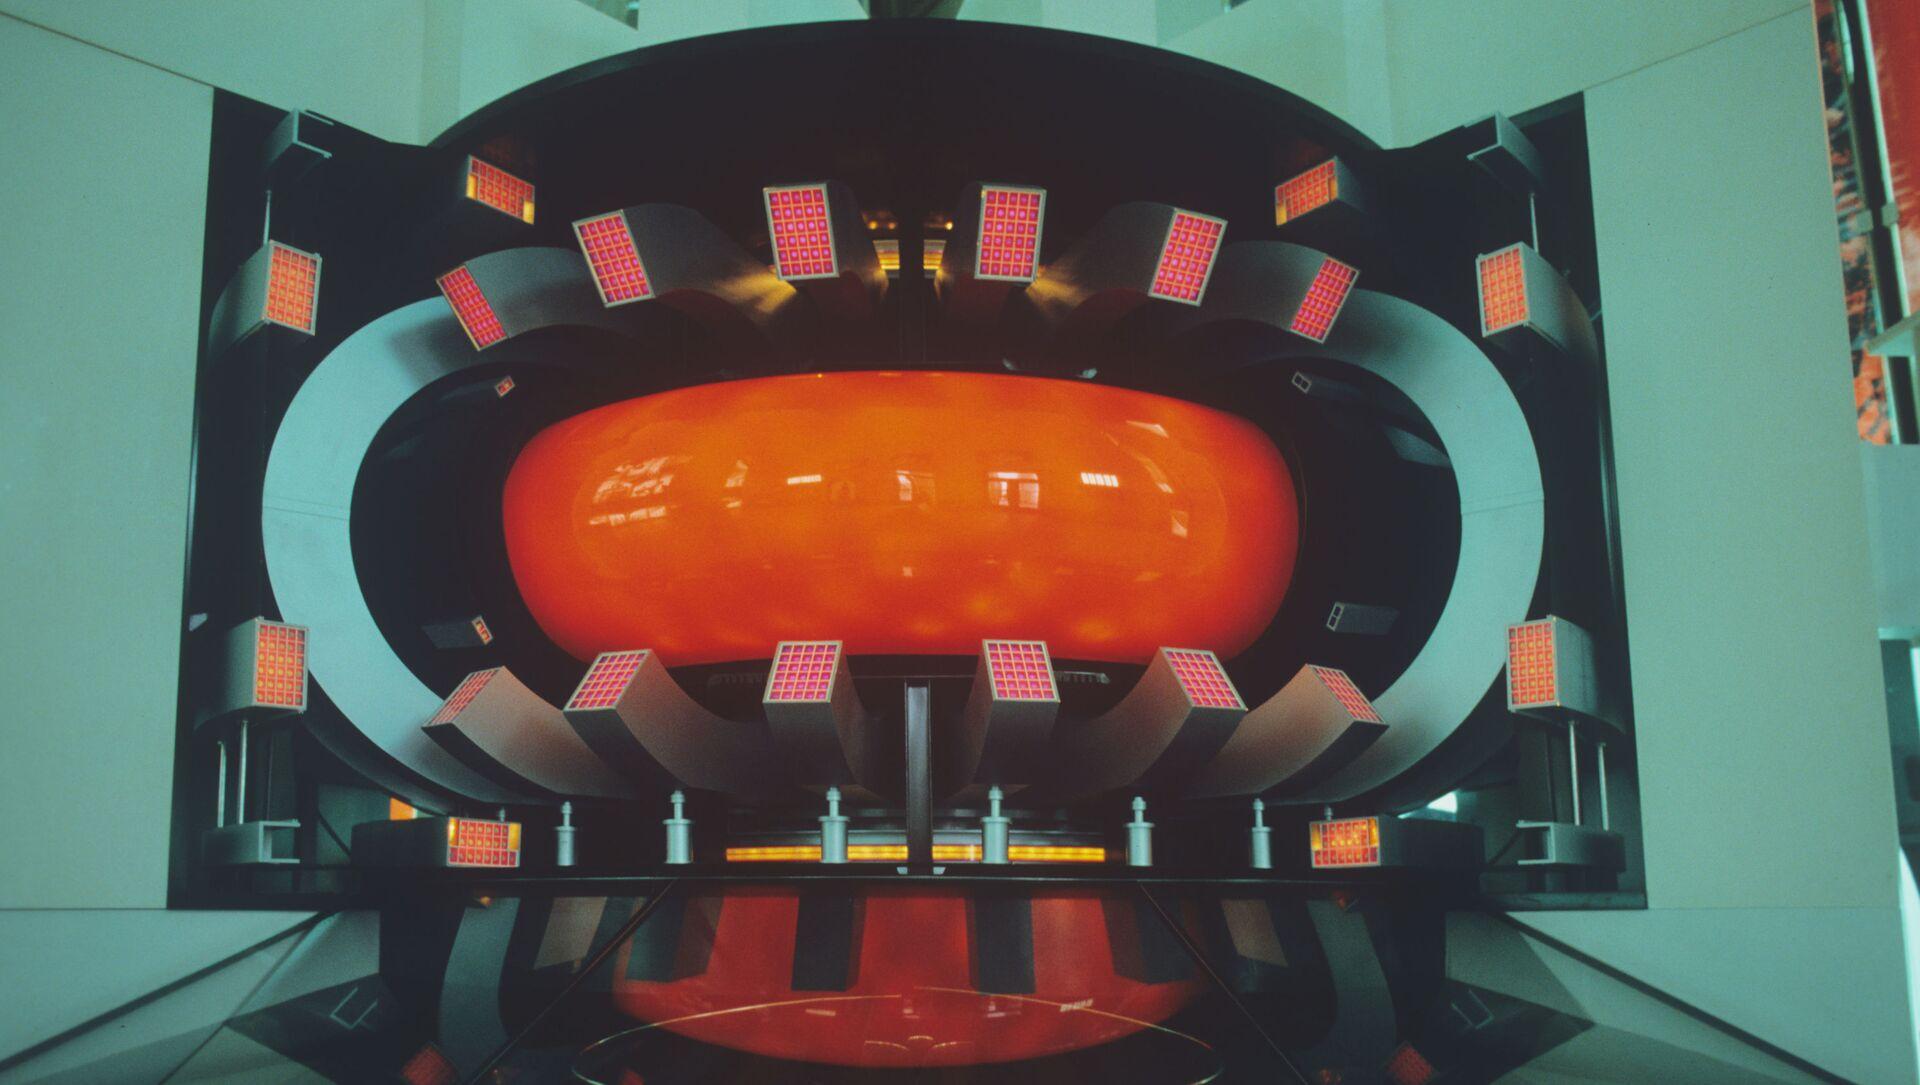 Une maquette du réacteur thermonucléaire T-15 (archive photo) - Sputnik France, 1920, 01.03.2021